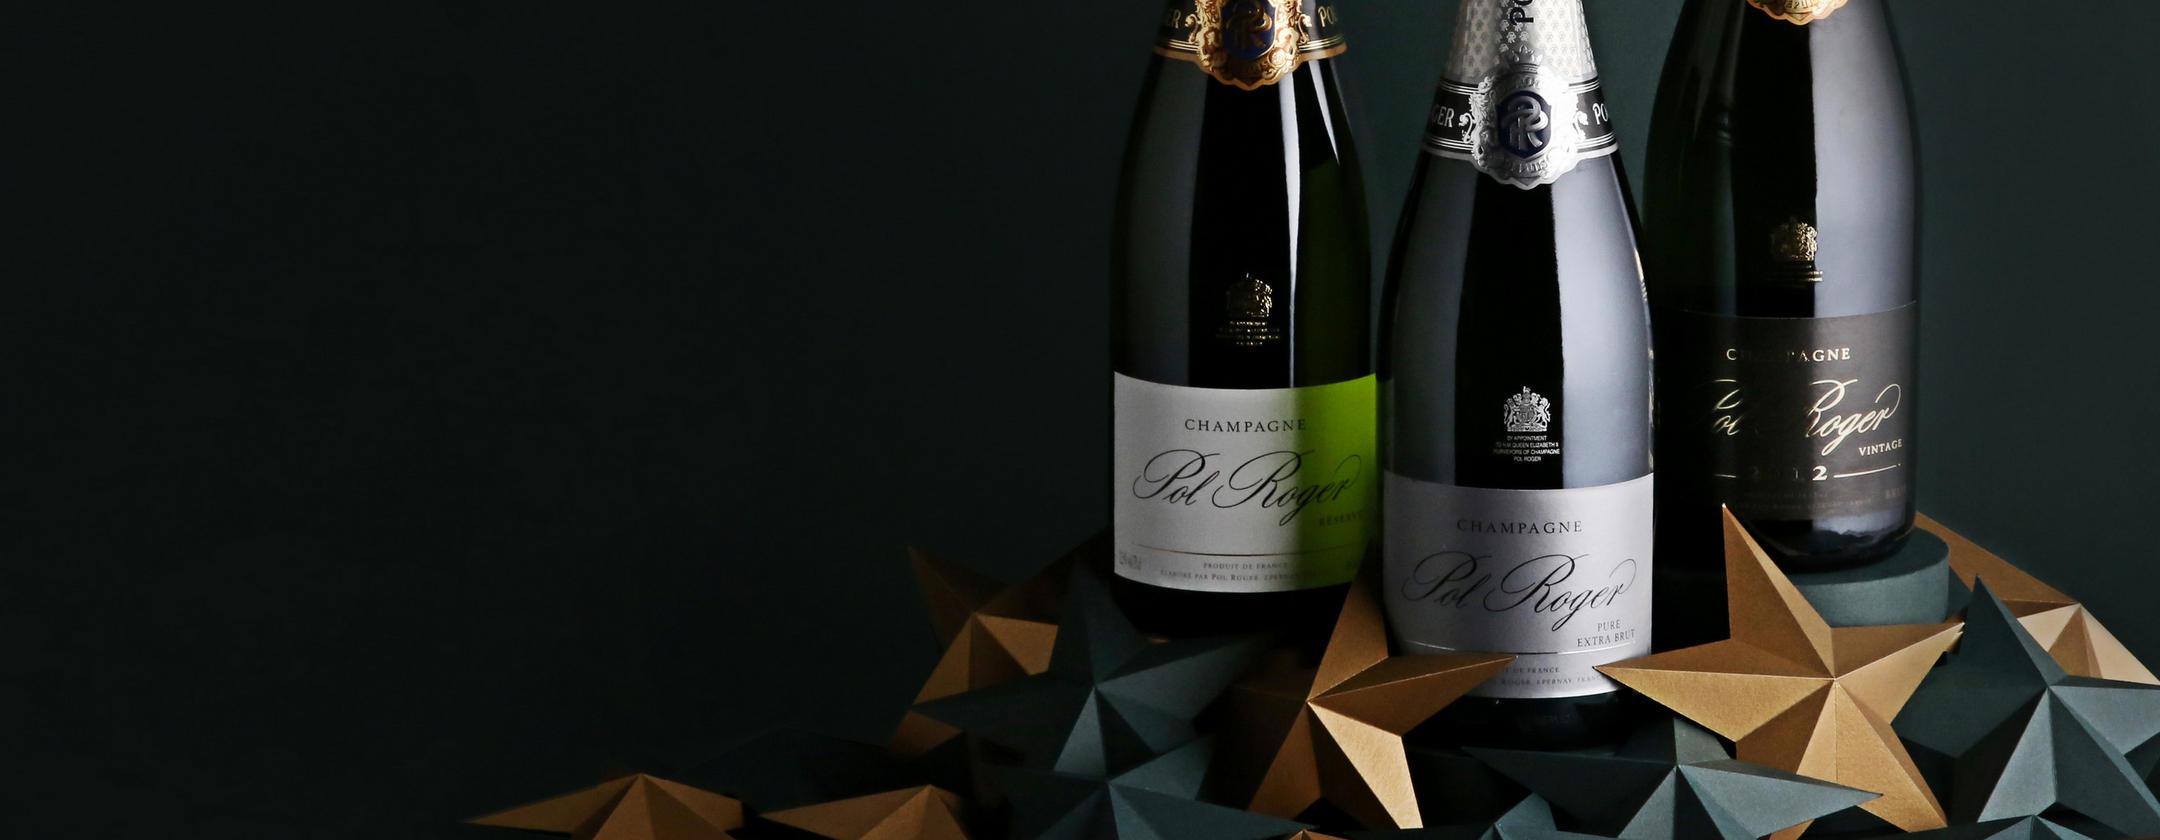 Enjoy 20% off Pol Roger Champagne  _